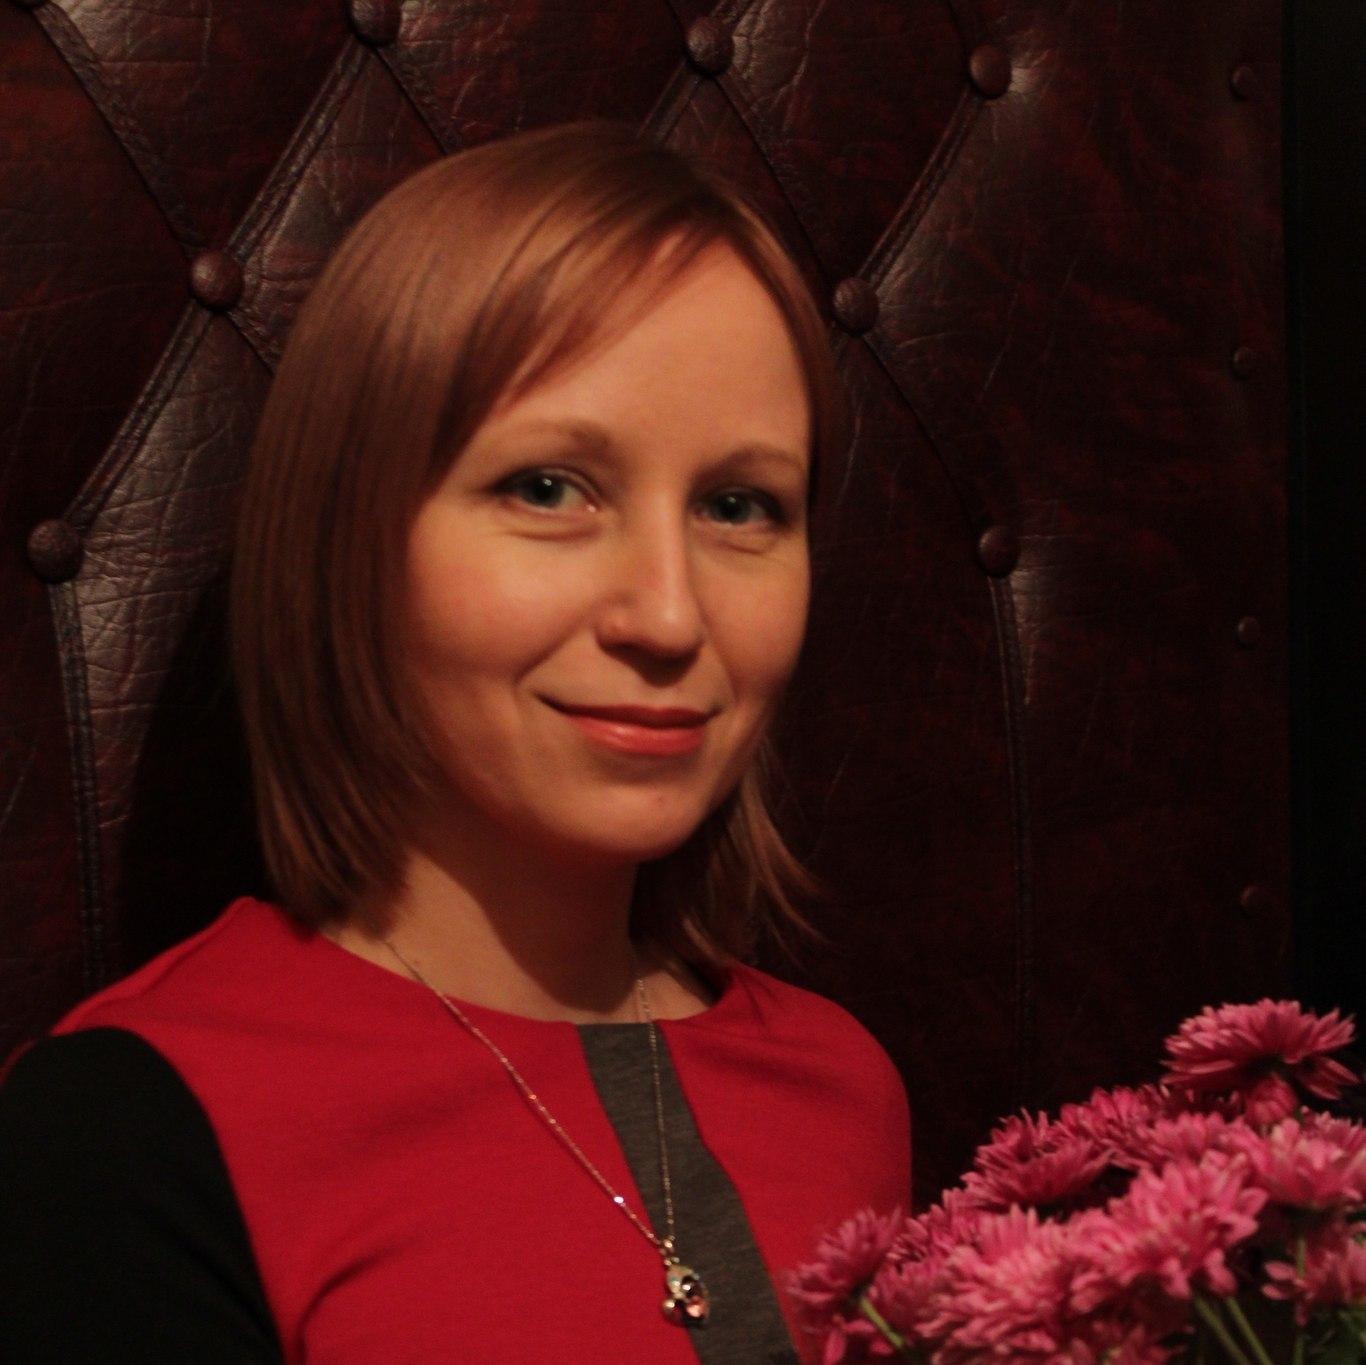 Соснина Светлана Анатольевна